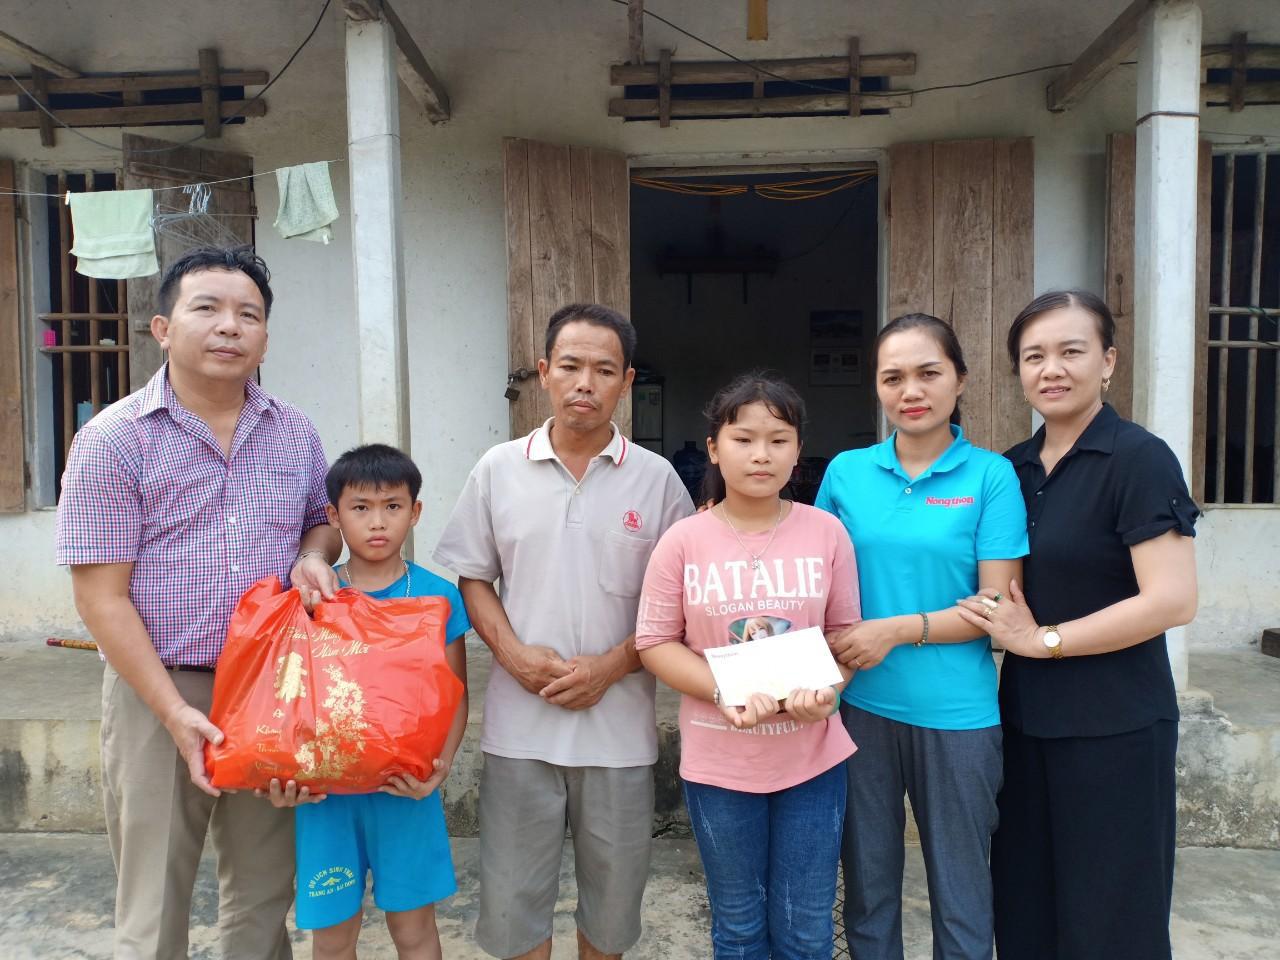 Dân Việt - Hành trình  10 năm thiện nguyện - Ảnh 8.